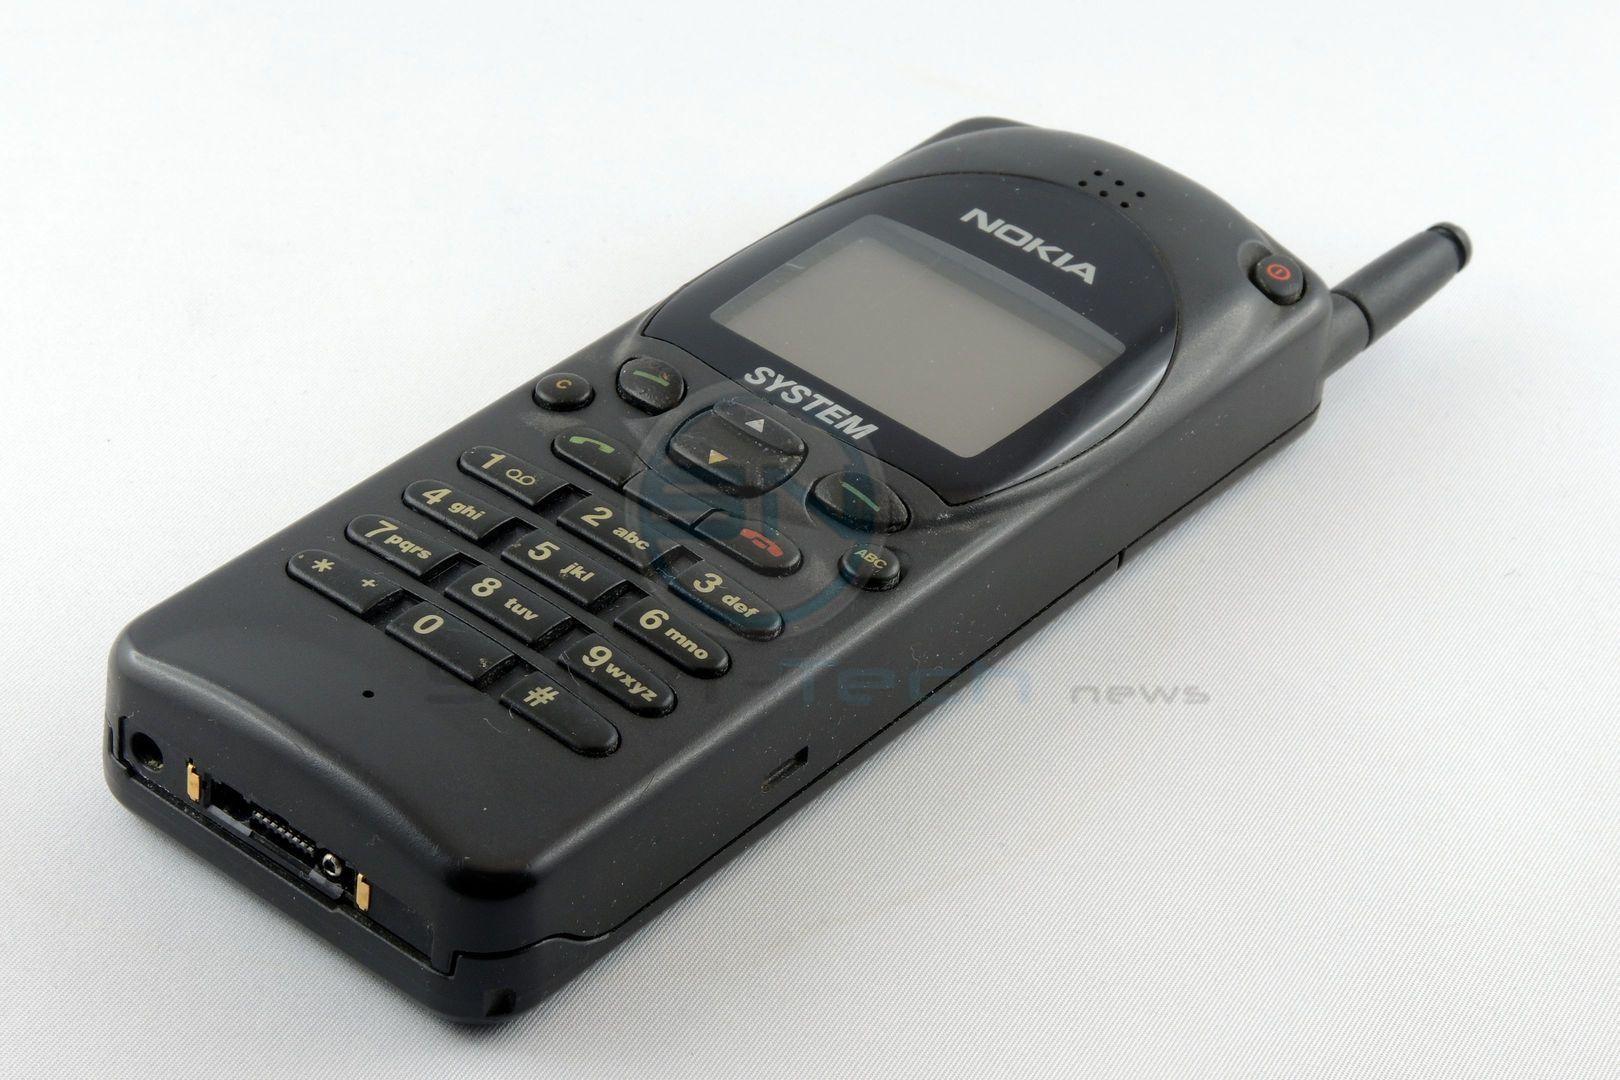 1998 Nokia 2110 Nokia 2110 Handy, Technik